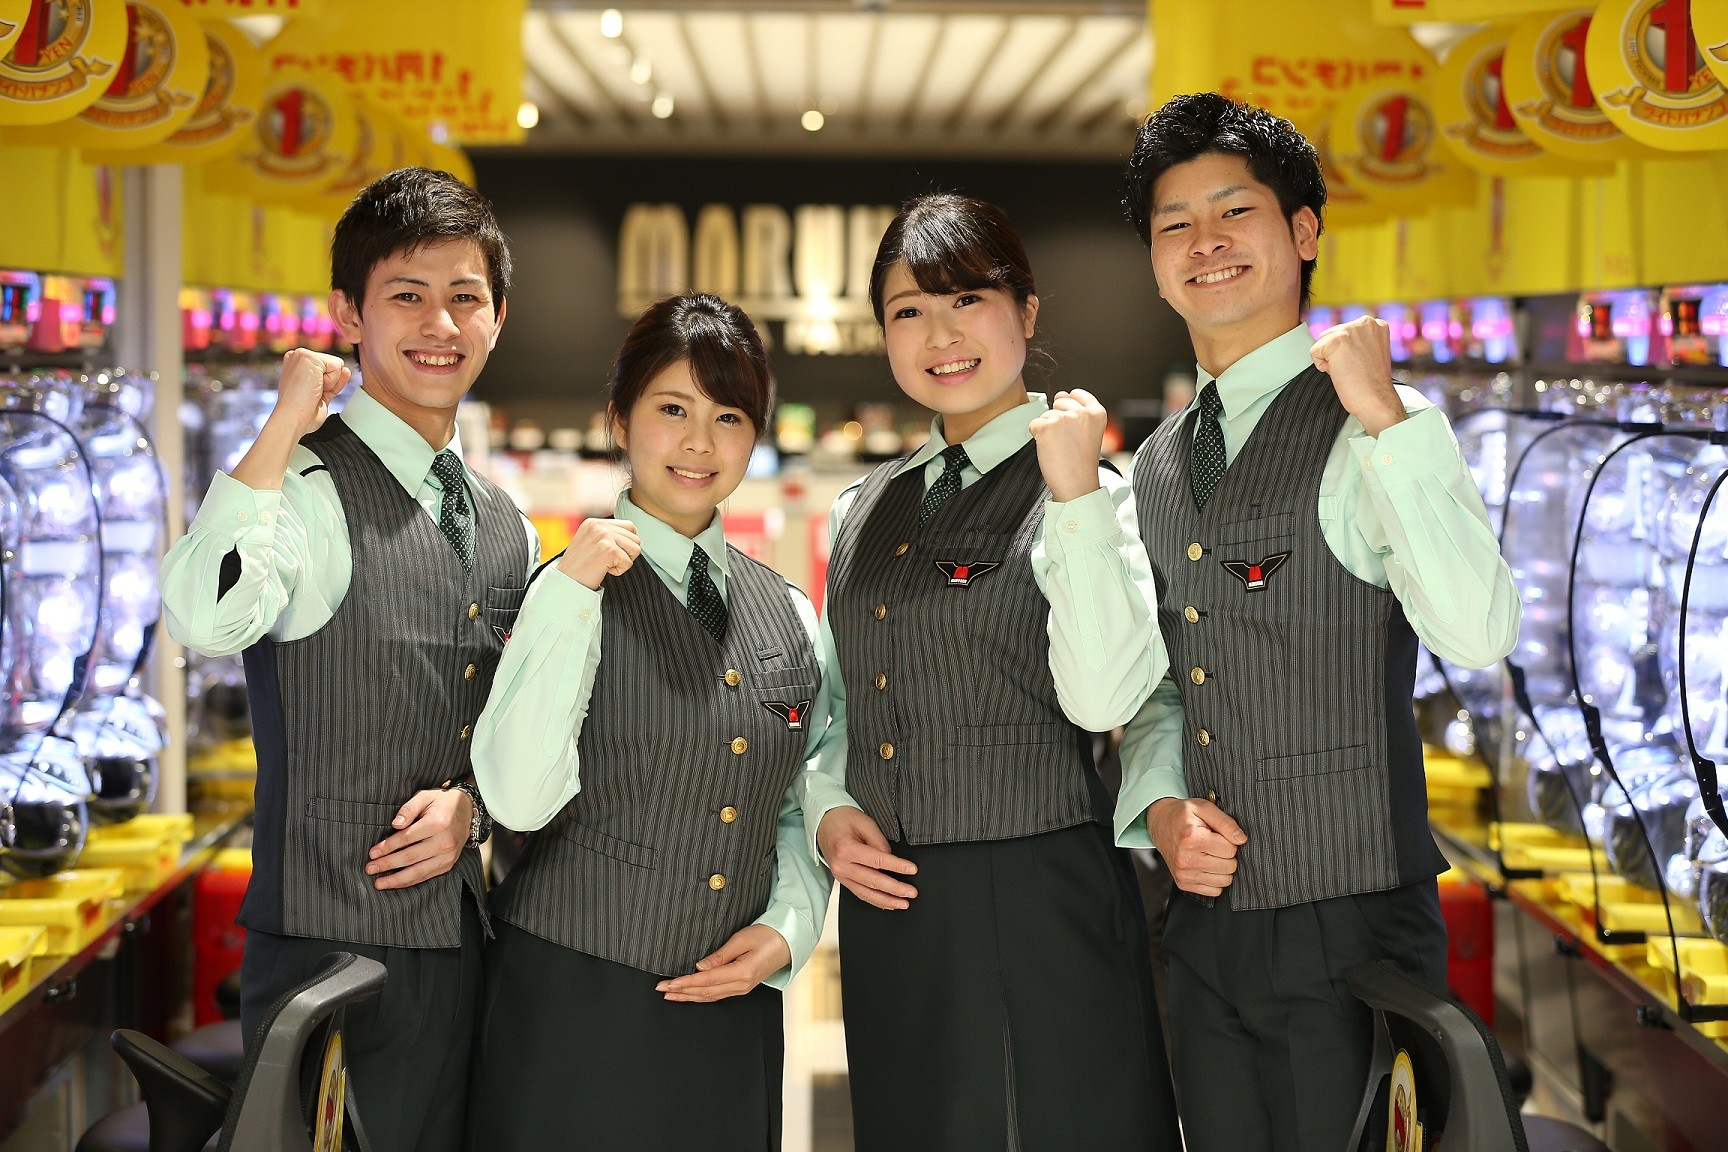 マルハン 平塚店[1404]のアルバイト情報